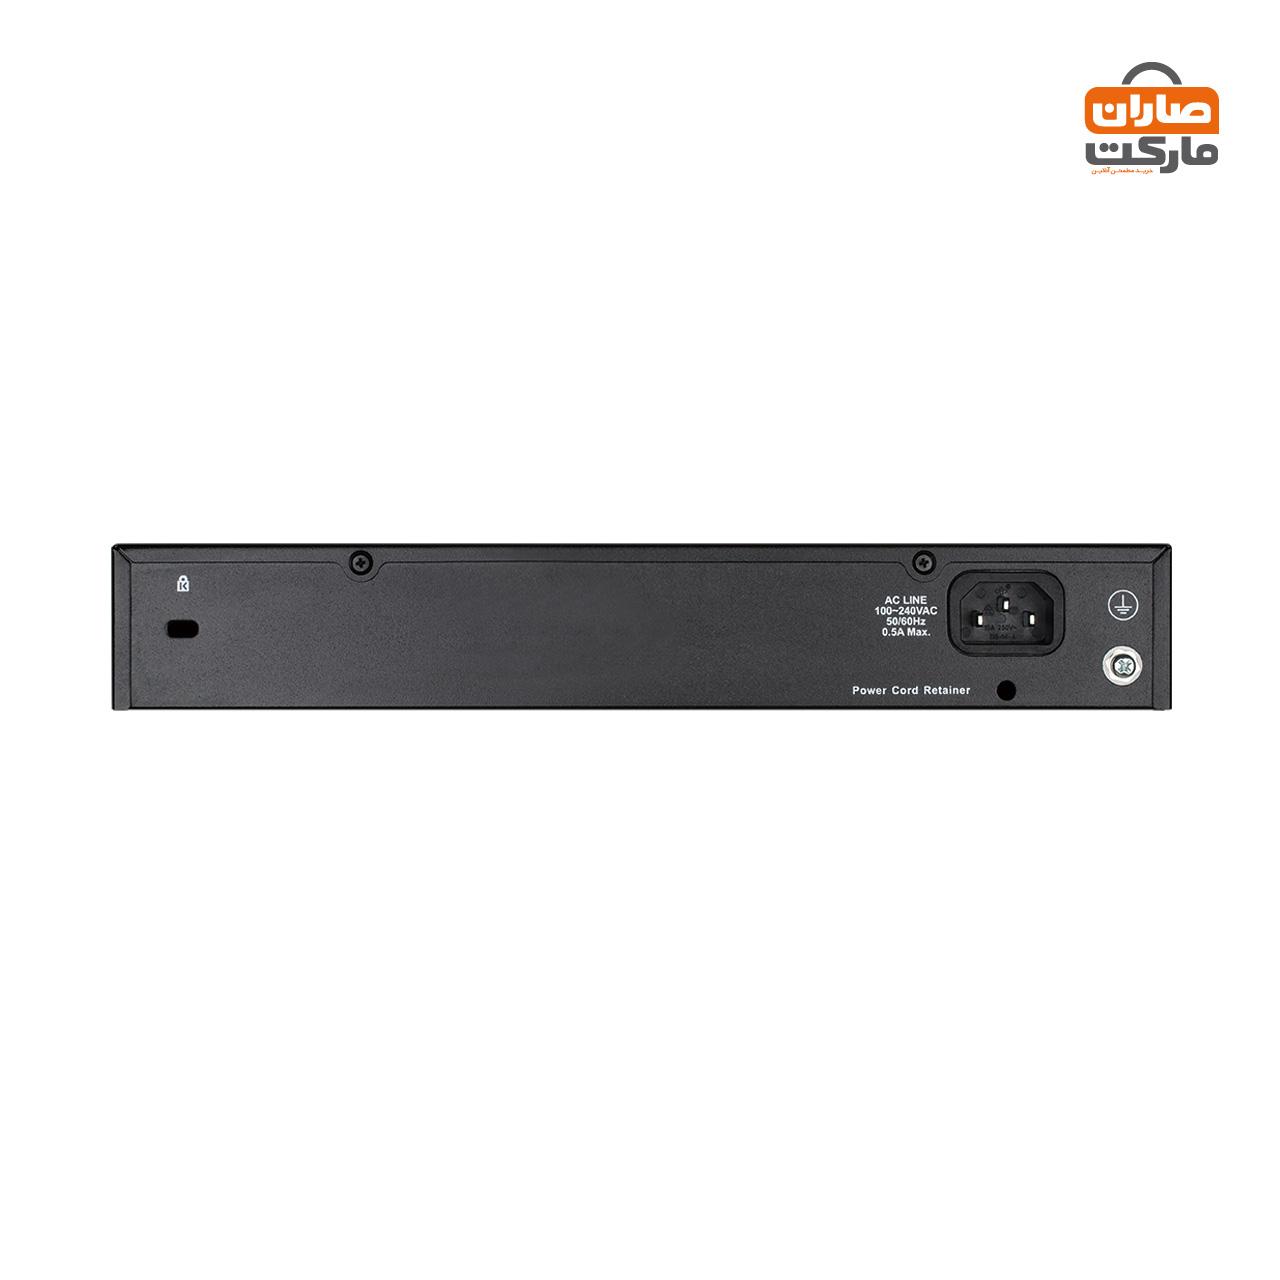 سوئیچ 24 پورت گیگابیتی، غیر مدیریتی و دسکتاپ دی-لینک مدل DGS-1024D